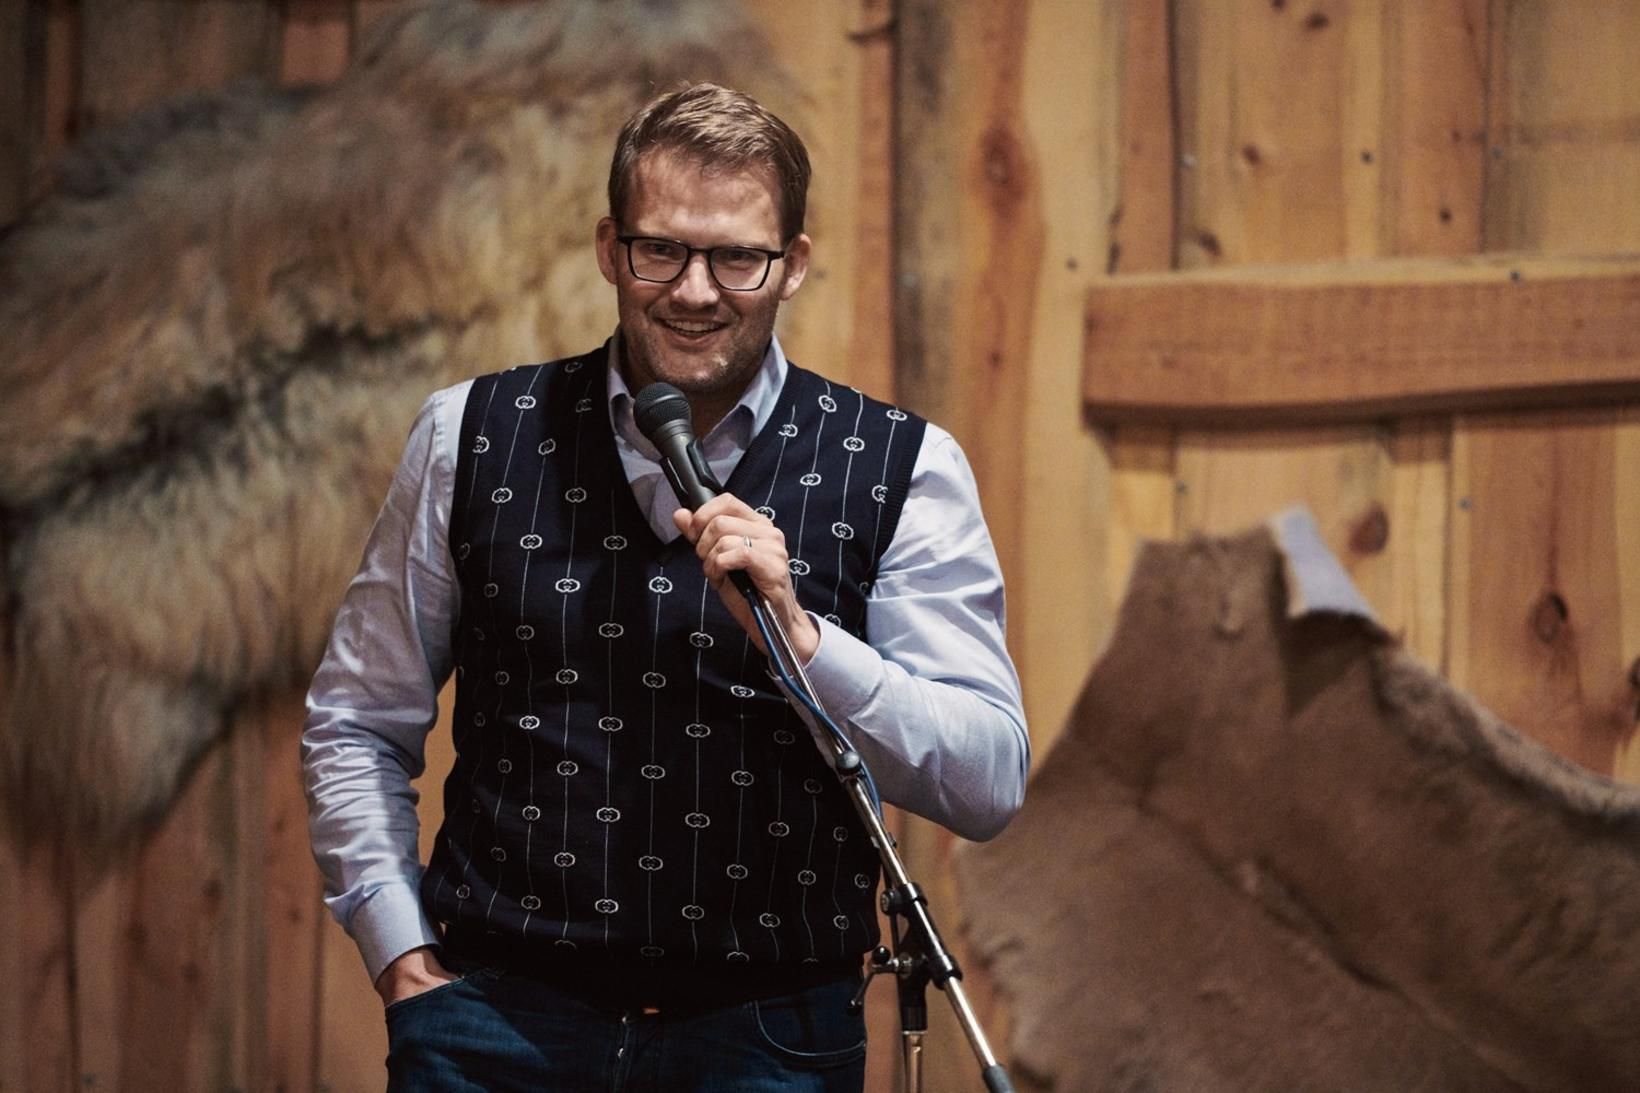 Róbert Wessman, stofnandi og stjórnarformaður Alvotech.